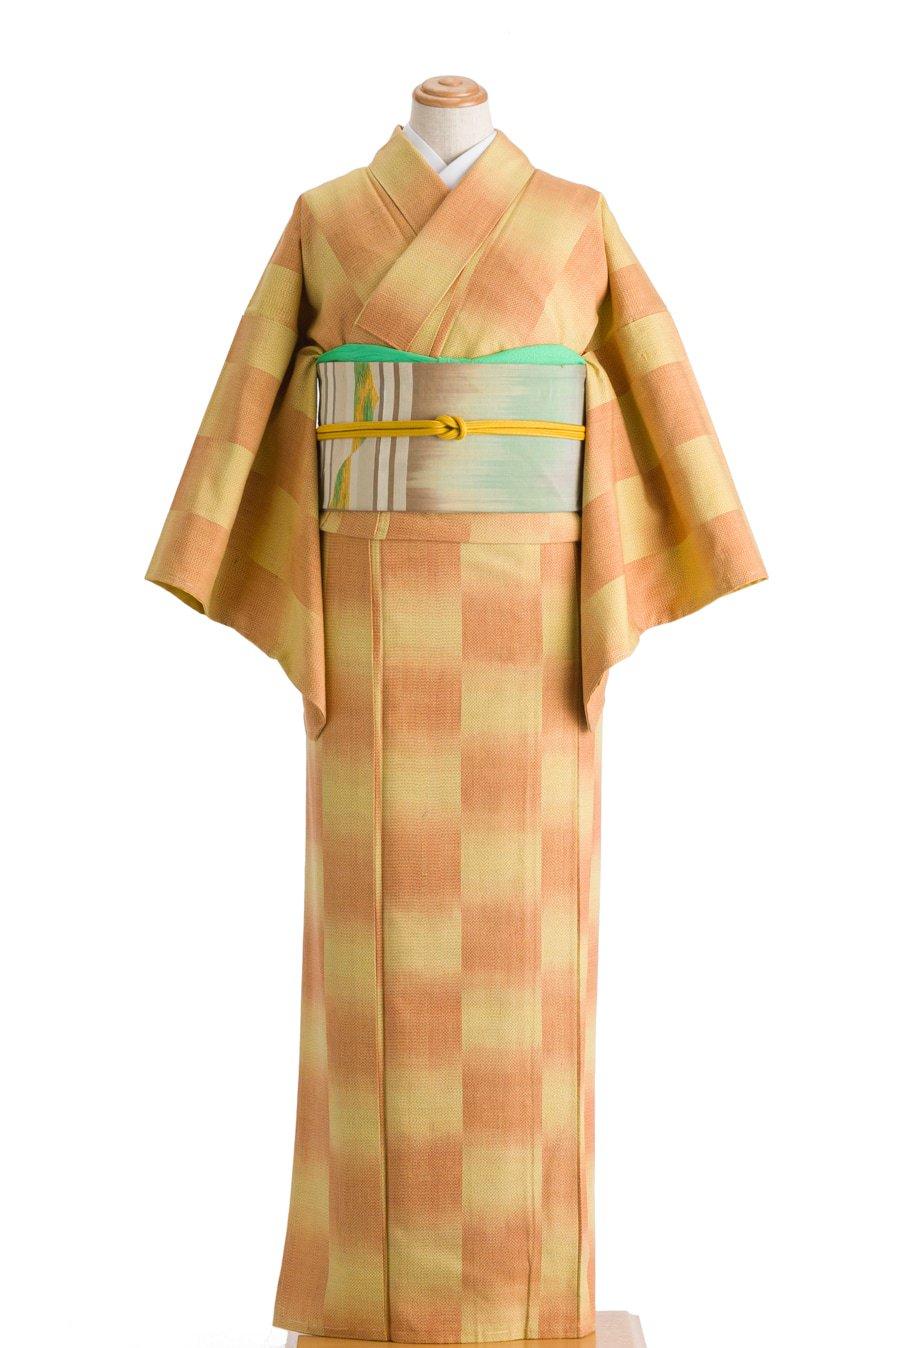 「紬 黄色とオレンジの市松」の商品画像